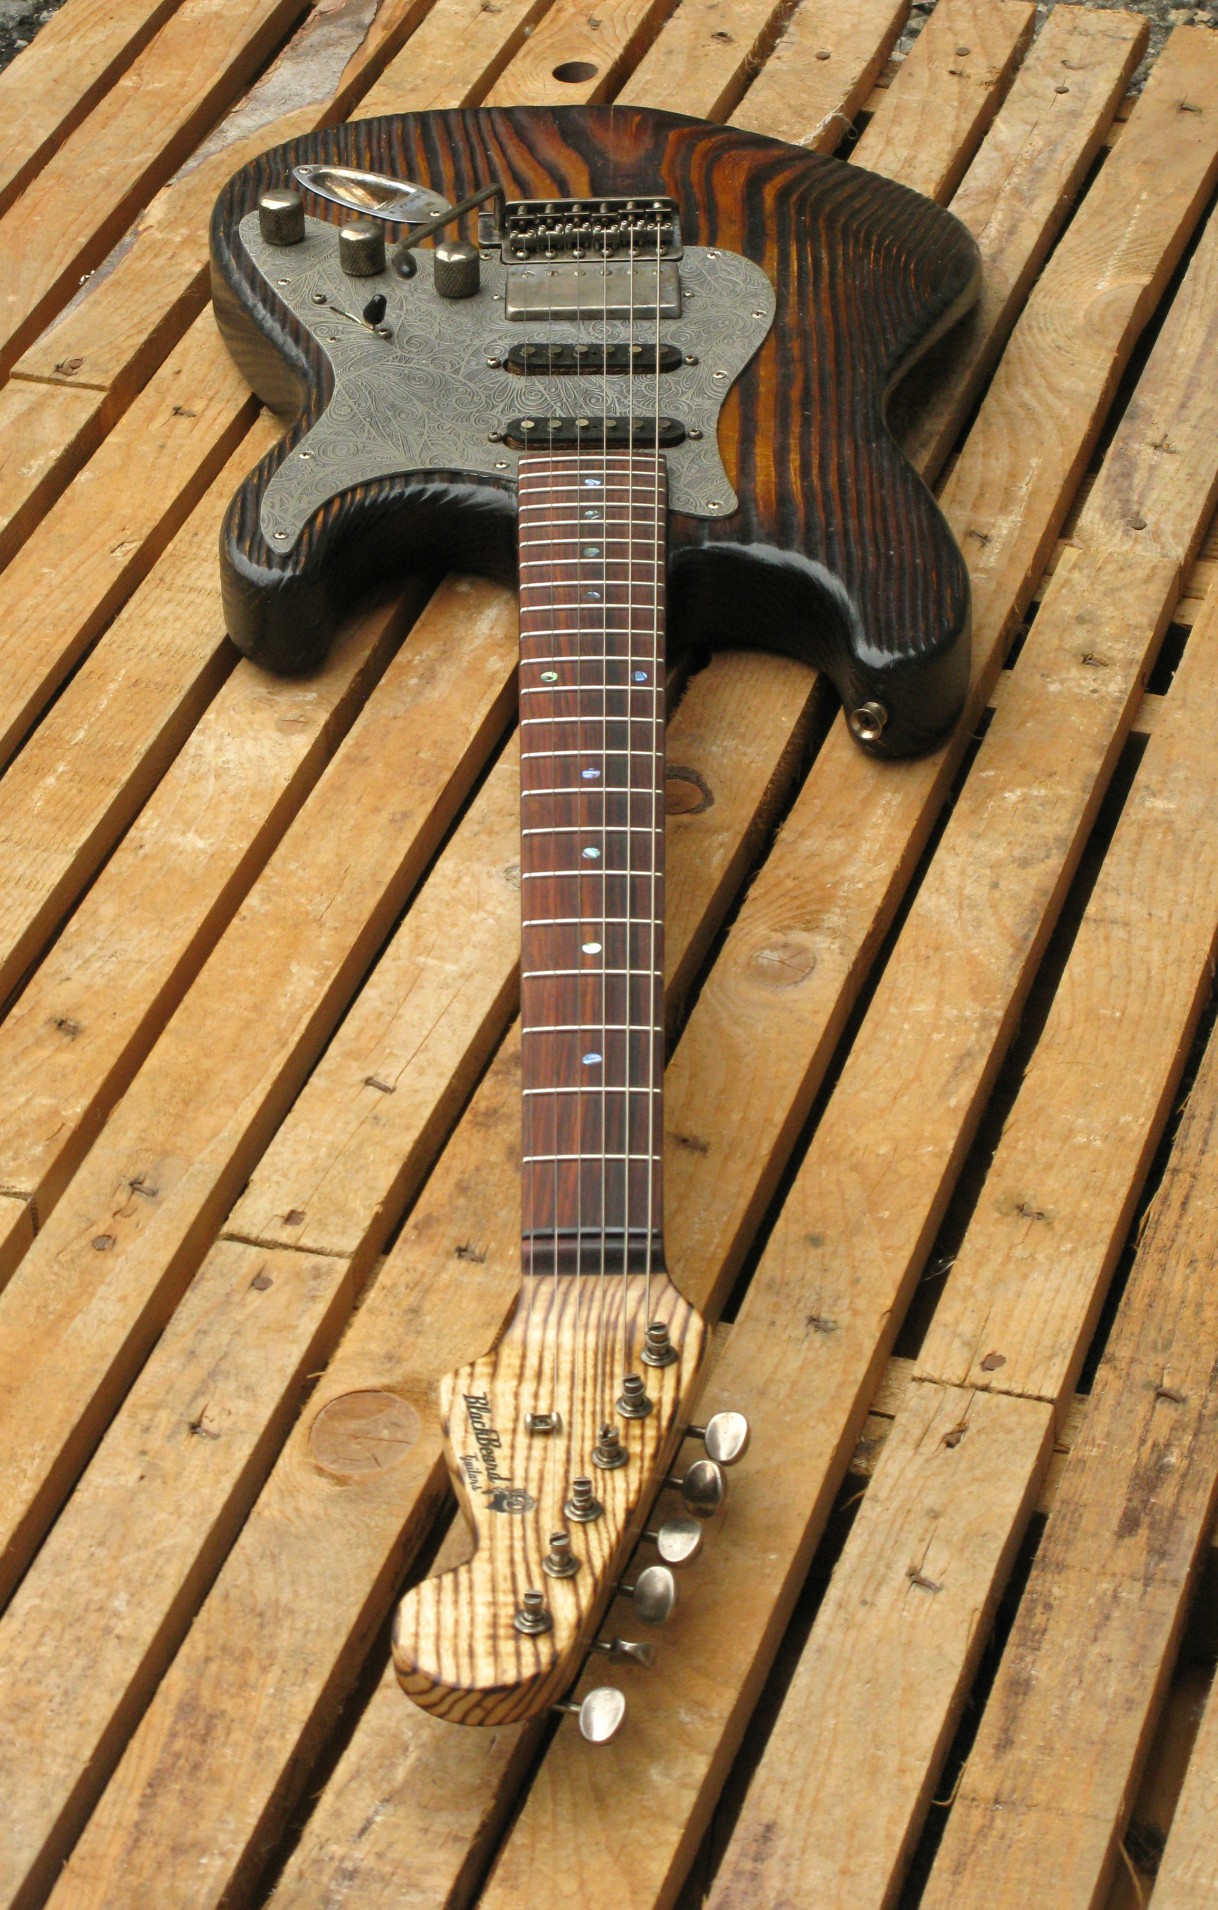 Vista di una chitarra elettrica Stratocaster in pino